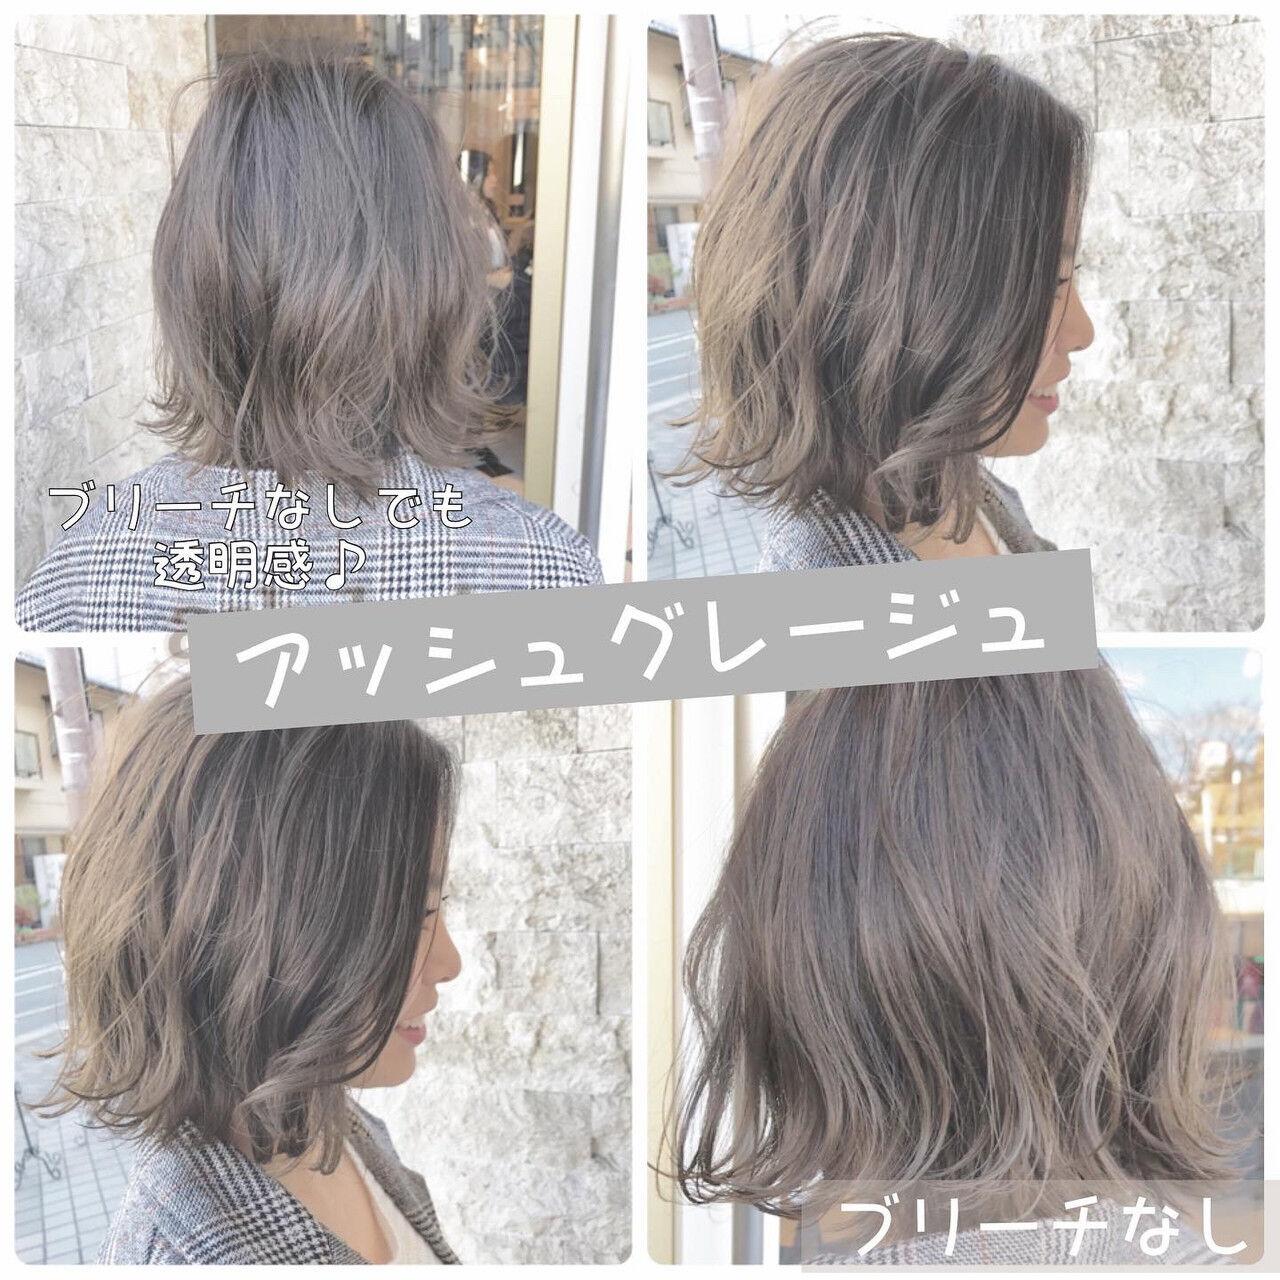 ボブ ナチュラル ミルクティーグレージュ グレージュヘアスタイルや髪型の写真・画像